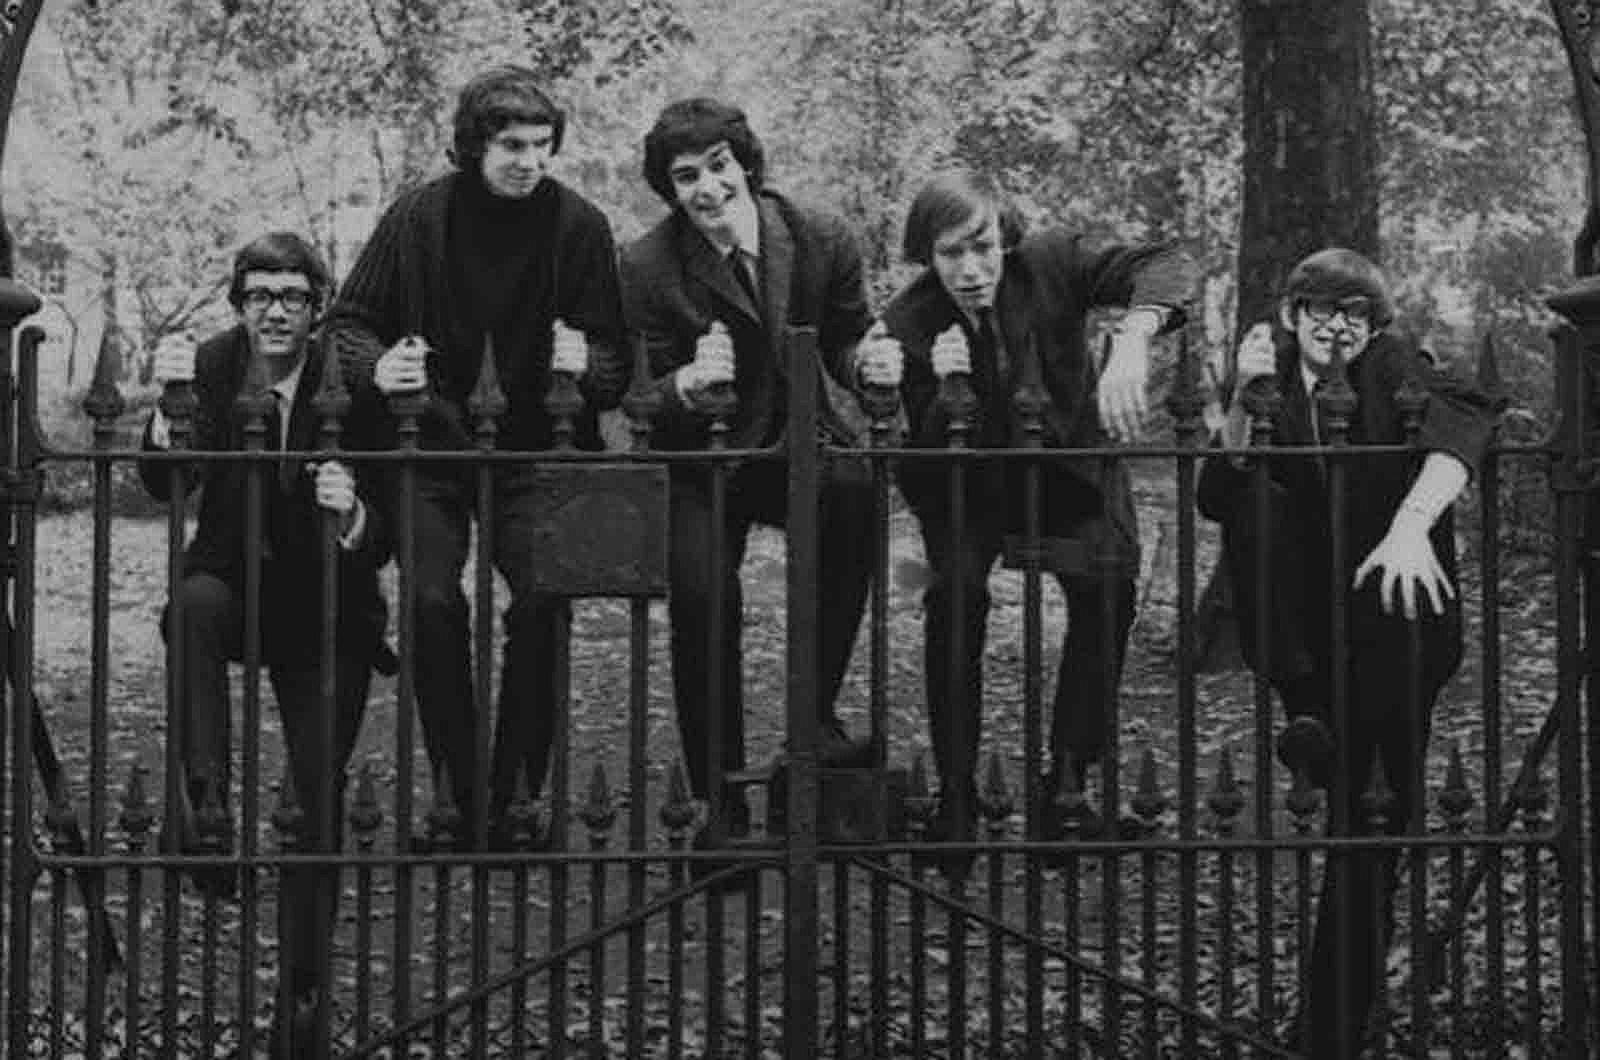 Zombies Announce 'Complete Studio Recordings' Vinyl Box Set